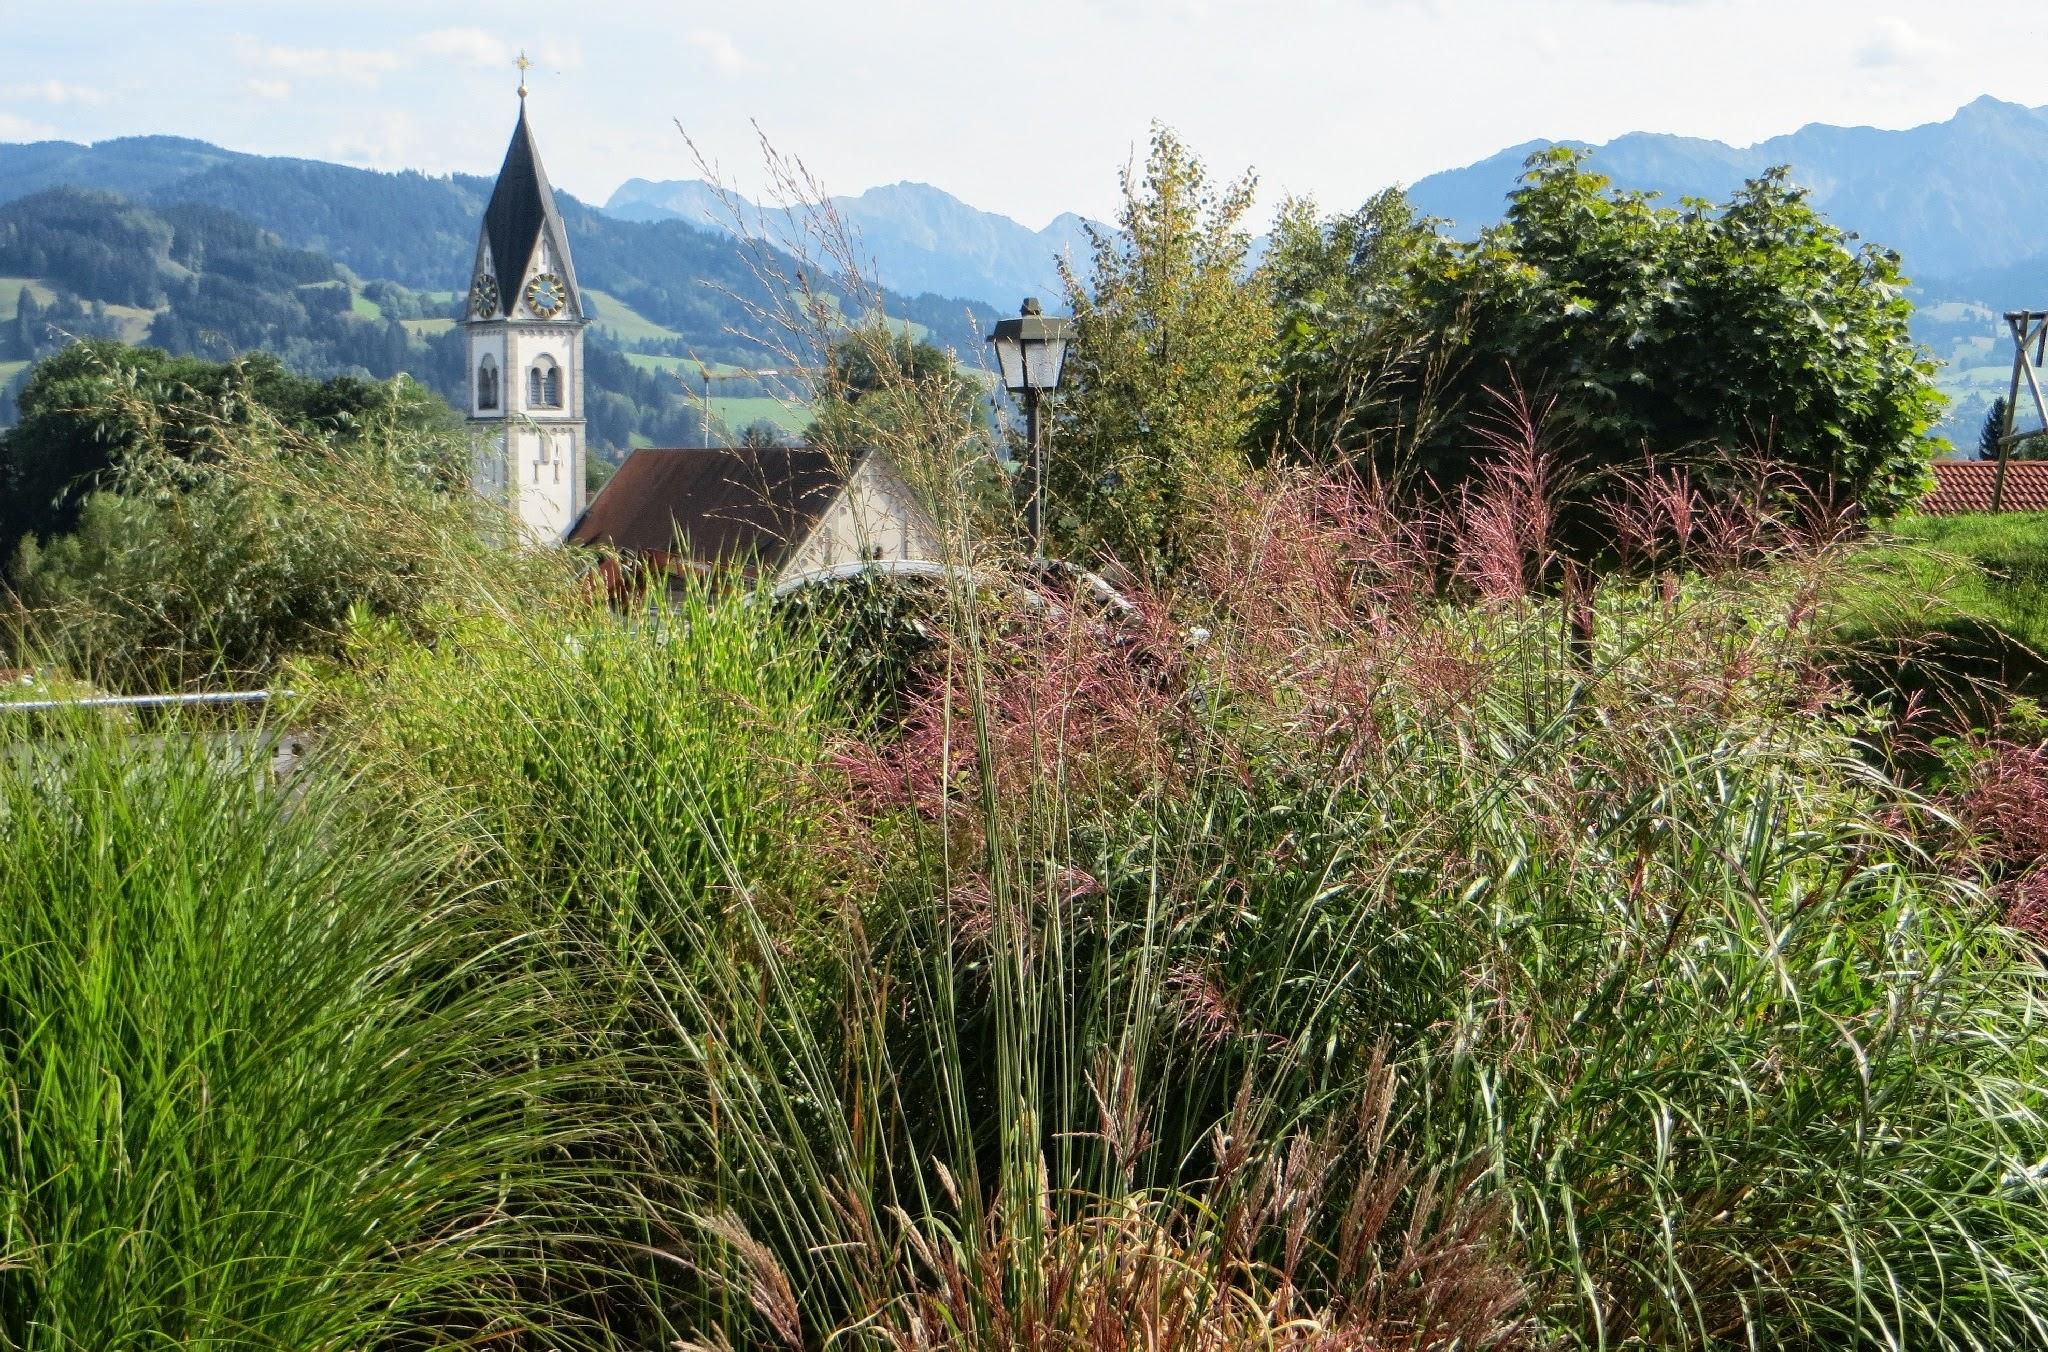 Photo: Am Scheibenbach Motiv 2 Vordergrund Gräser -  Blick zu den Hindelanger Bergen, ganz rechts Rotspitze Spazieren: https://pagewizz.com/blaichach-spazieren-im-allgau-35033/